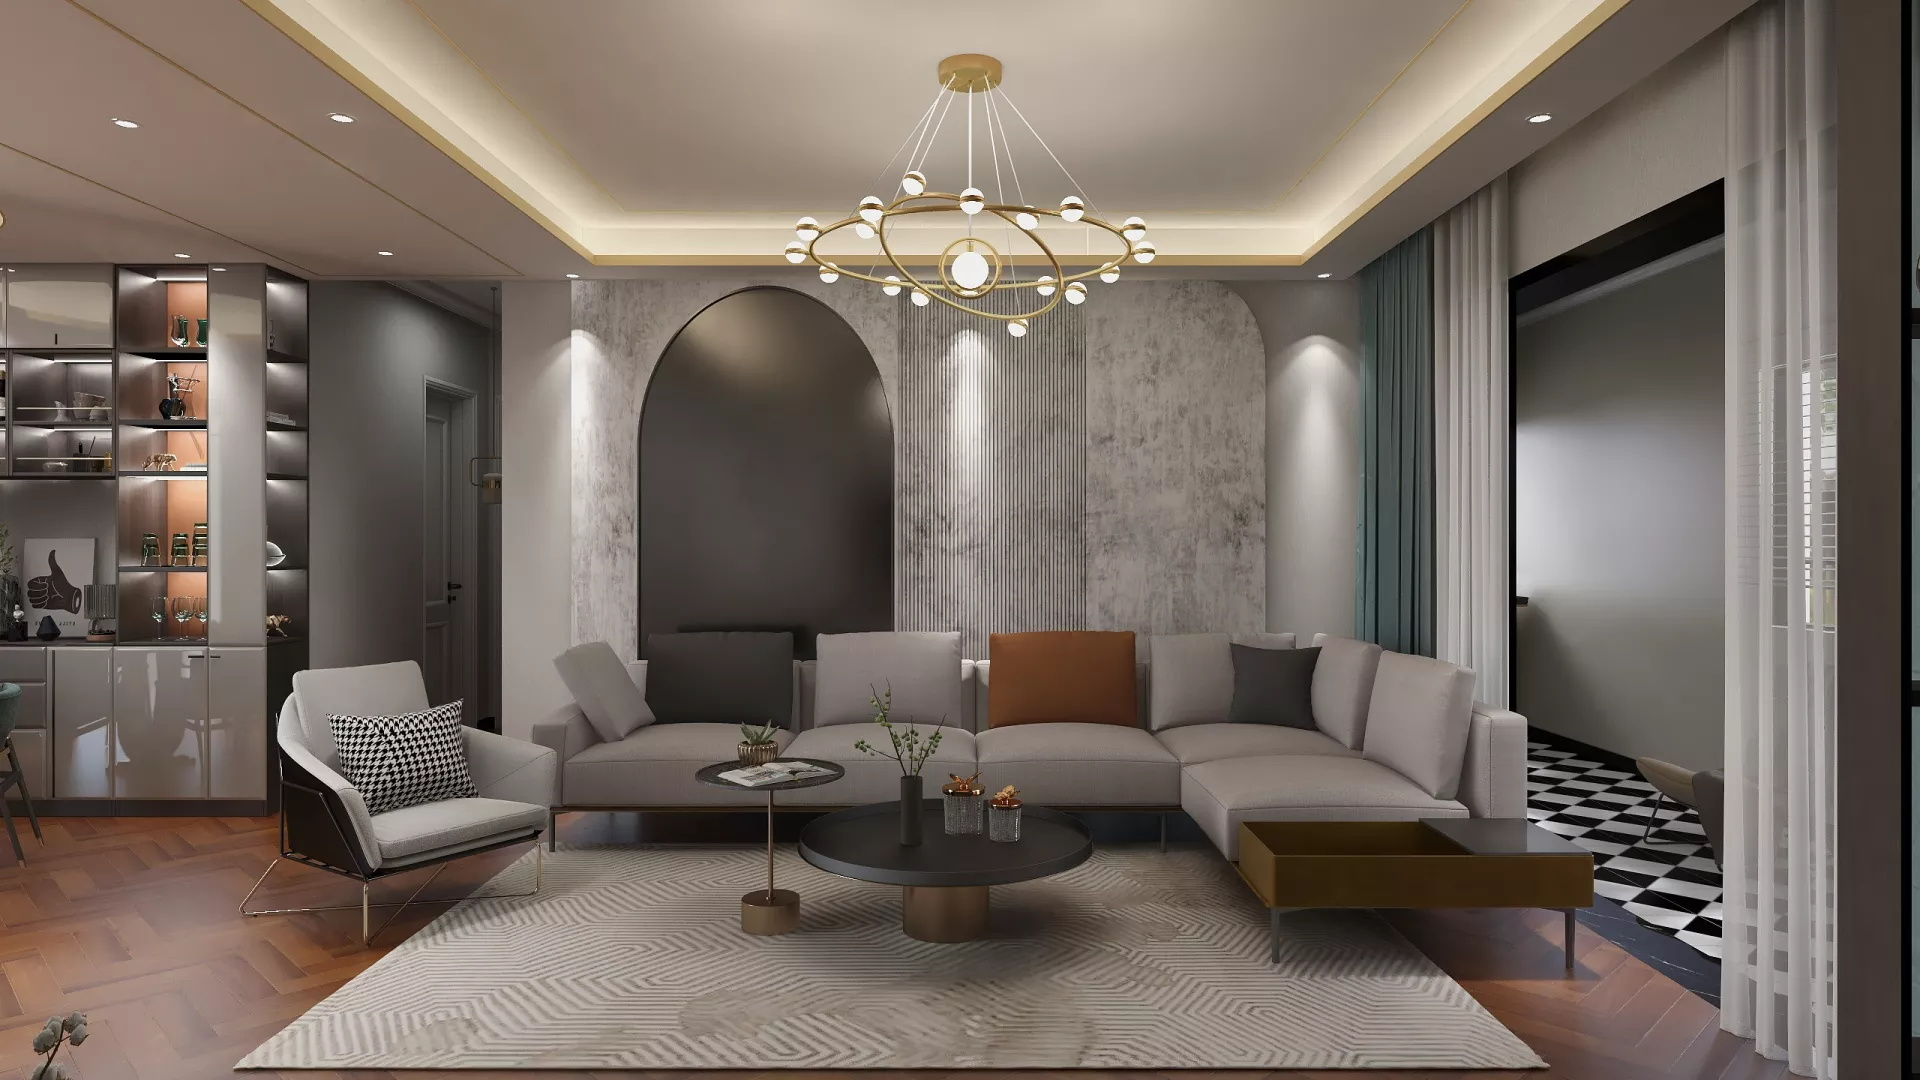 斜顶阁楼卧室可选风格和需注意的问题